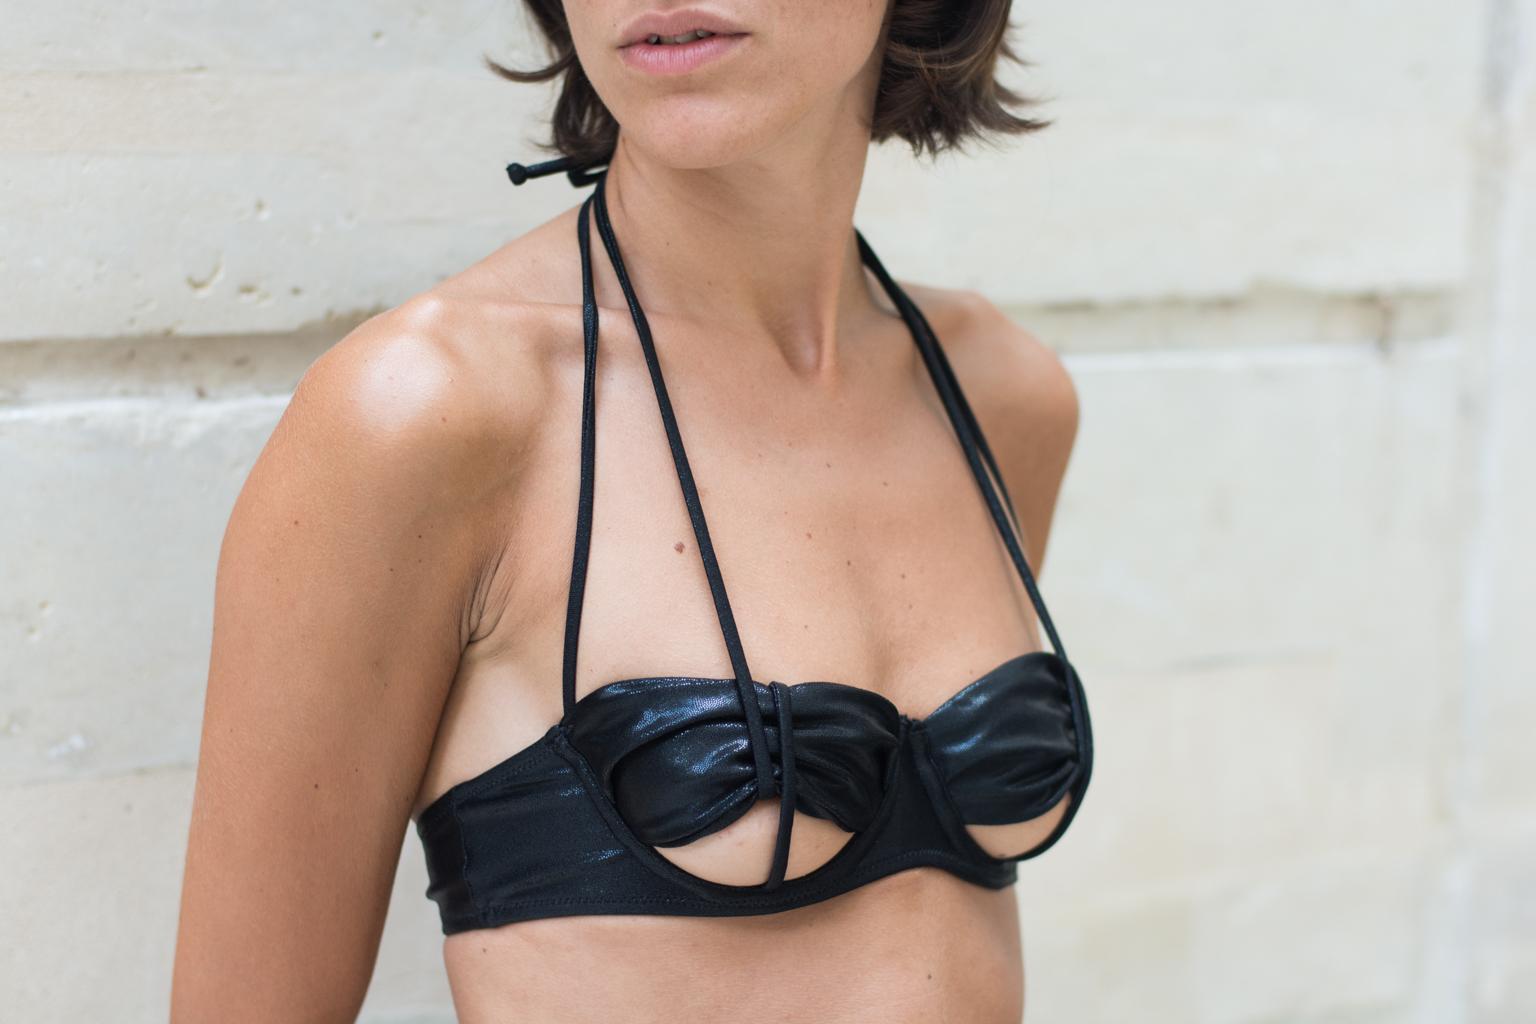 maillot de bain deux pieces bikini soiree et plage_02.jpg